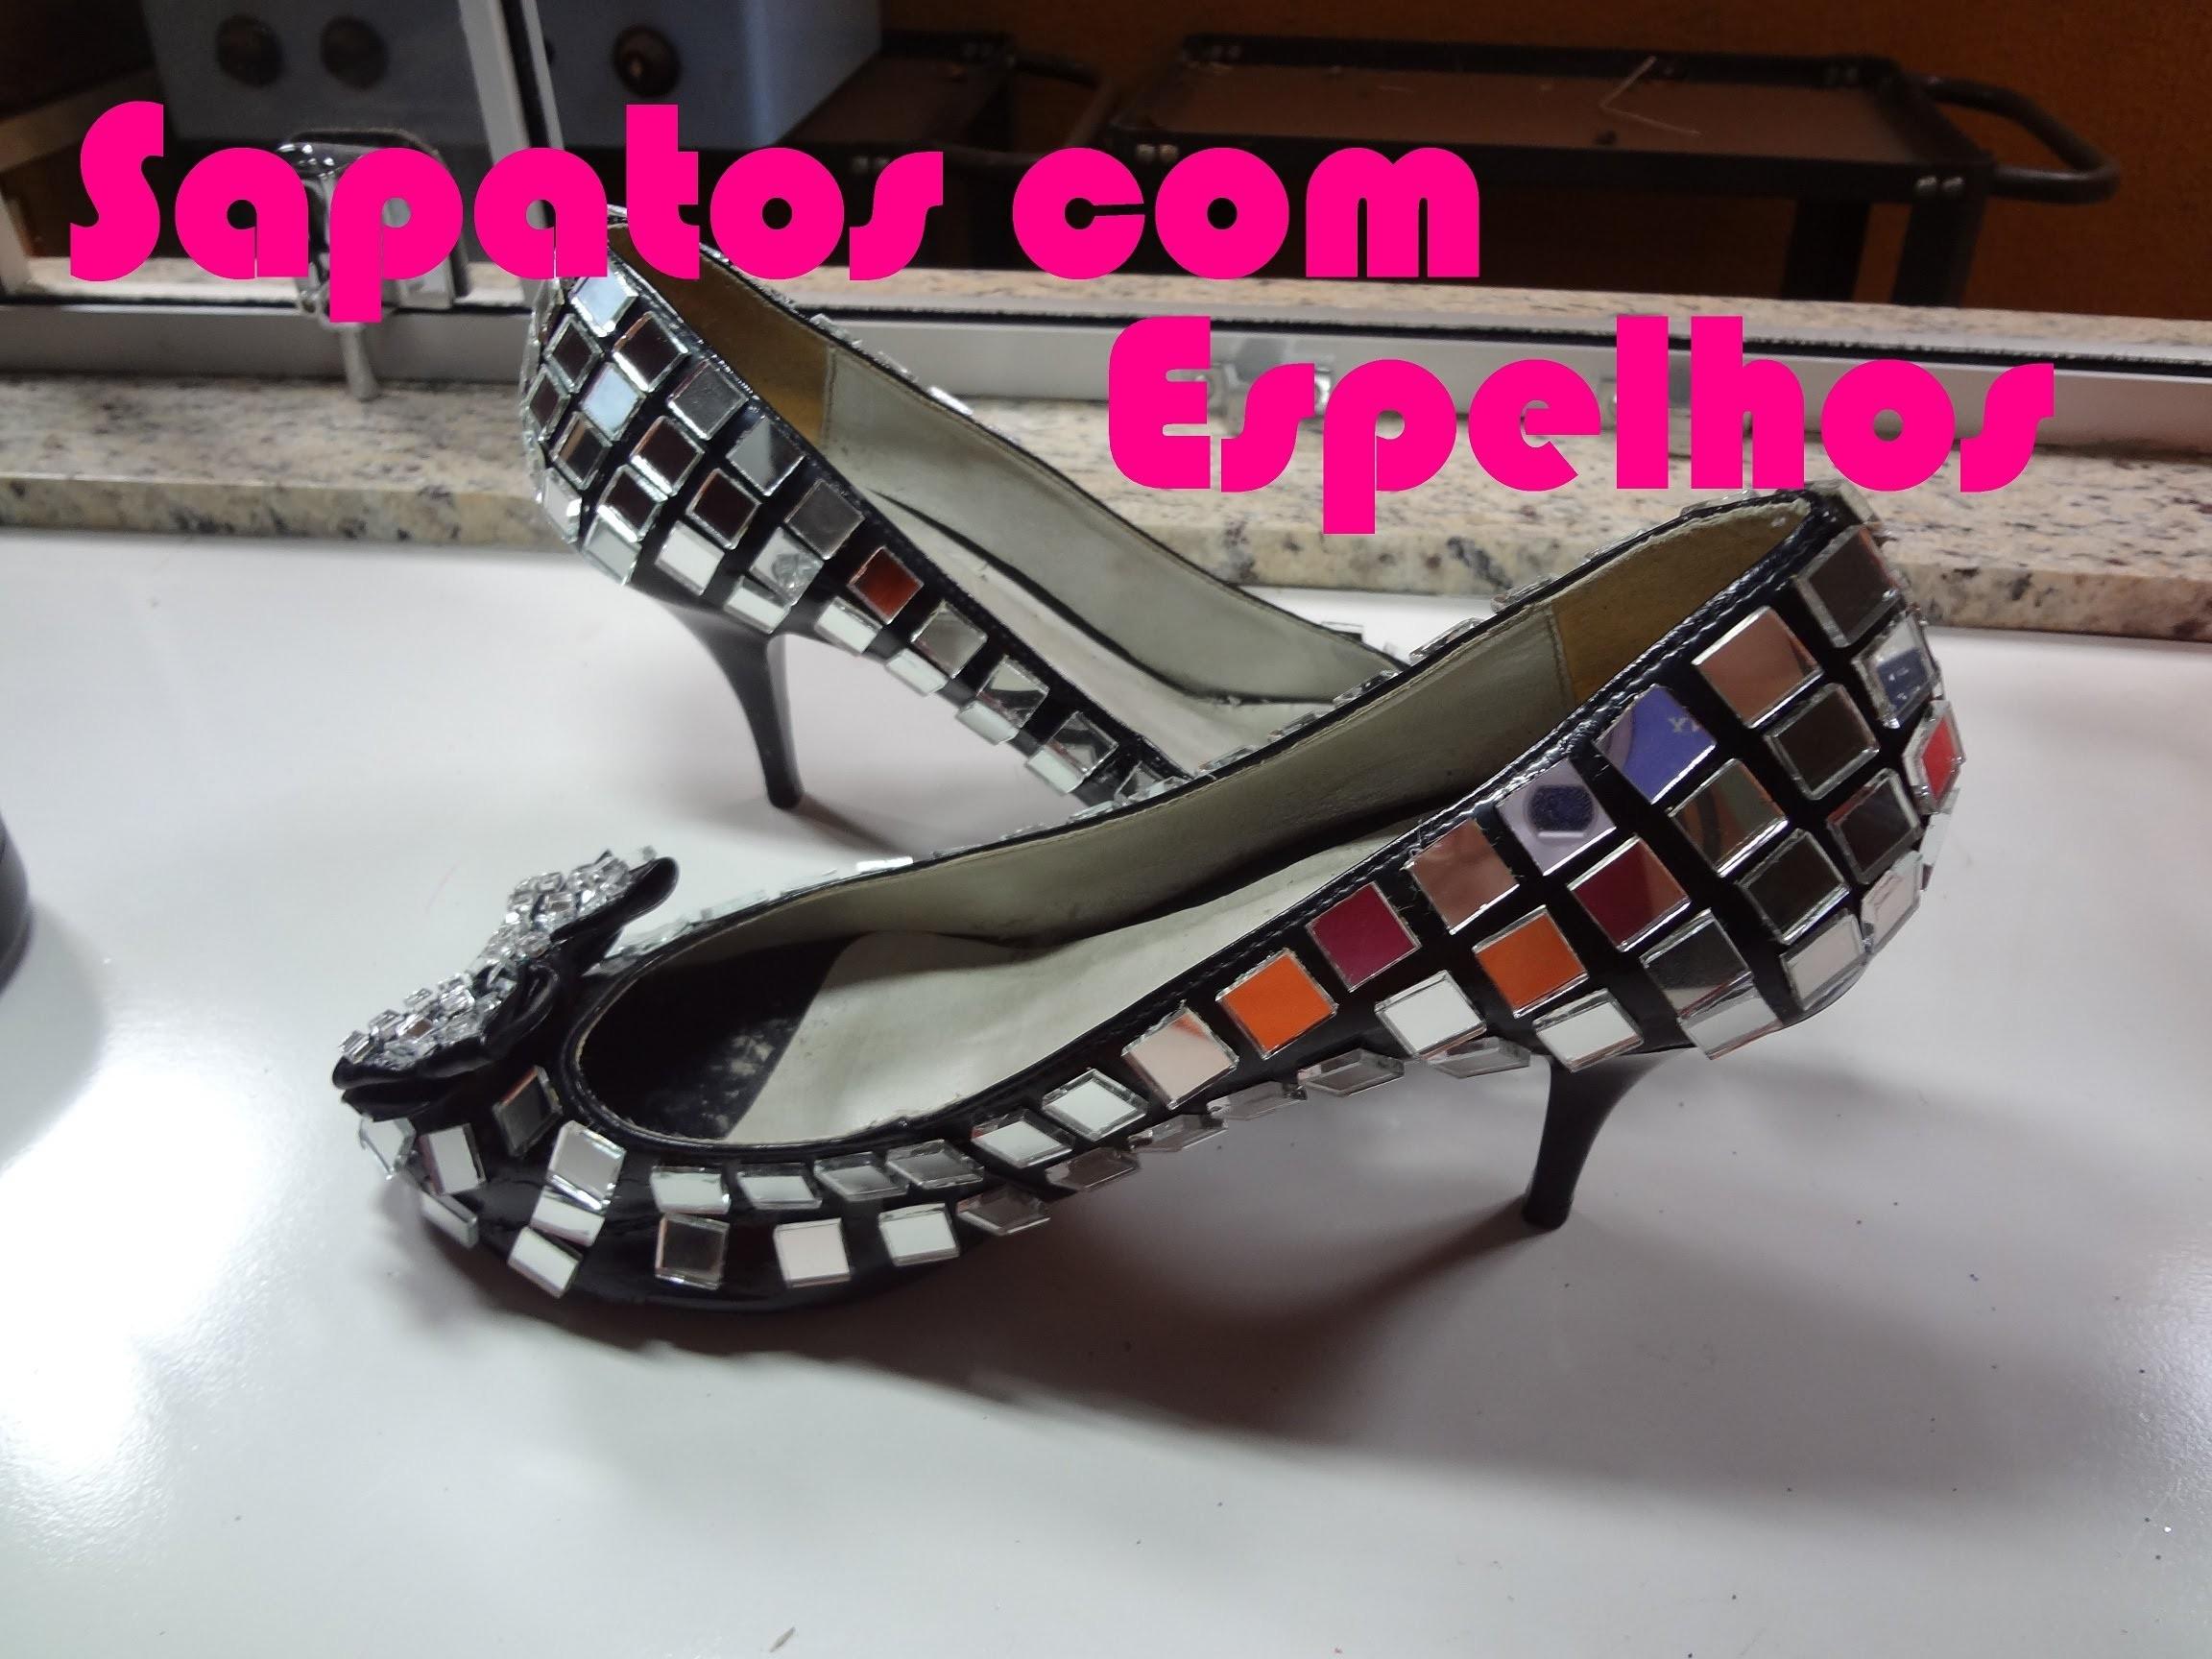 Sapato com espelhos Por LariKoze